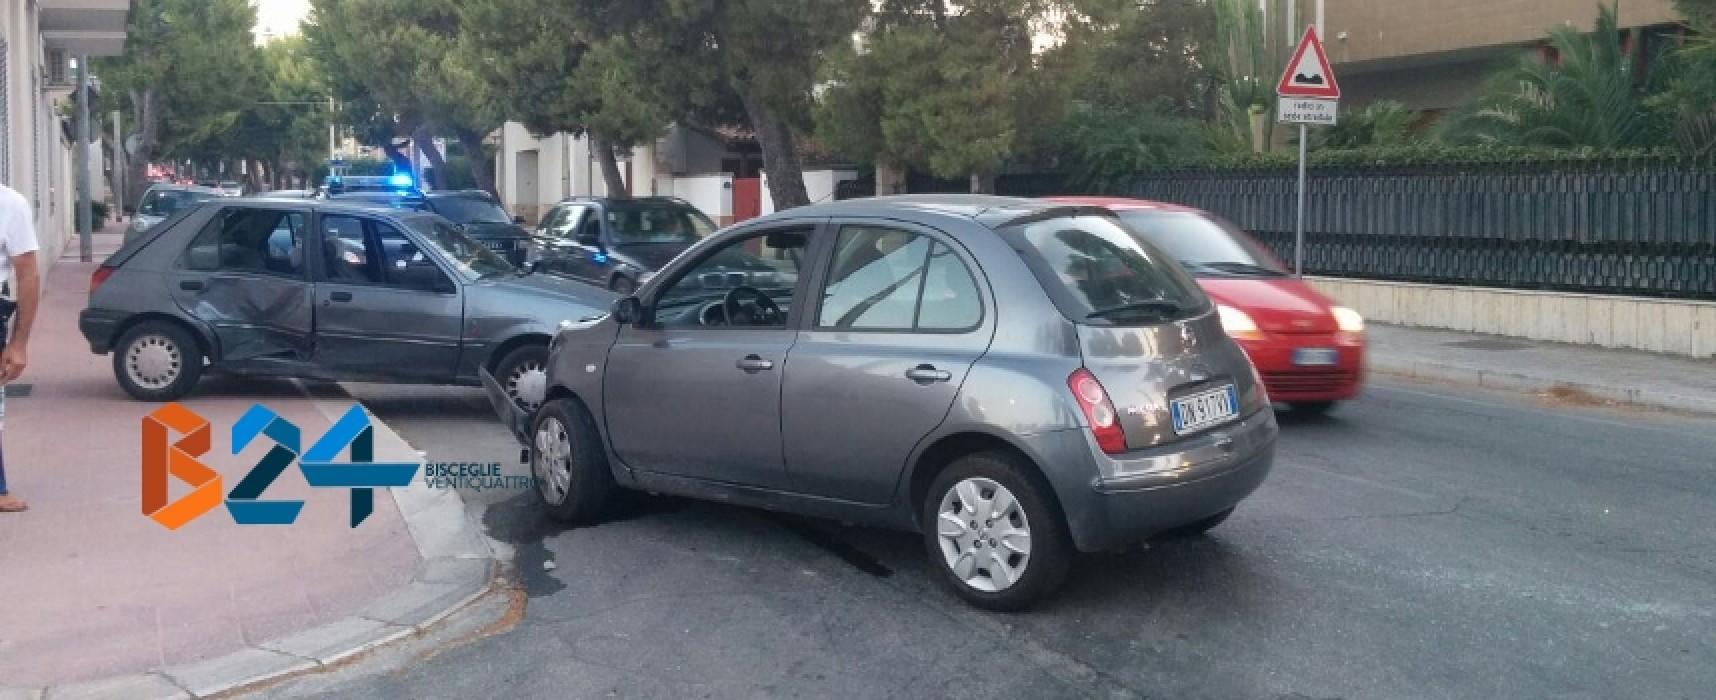 Brutto scontro in via della Libertà, una delle due auto termina contro abitazione